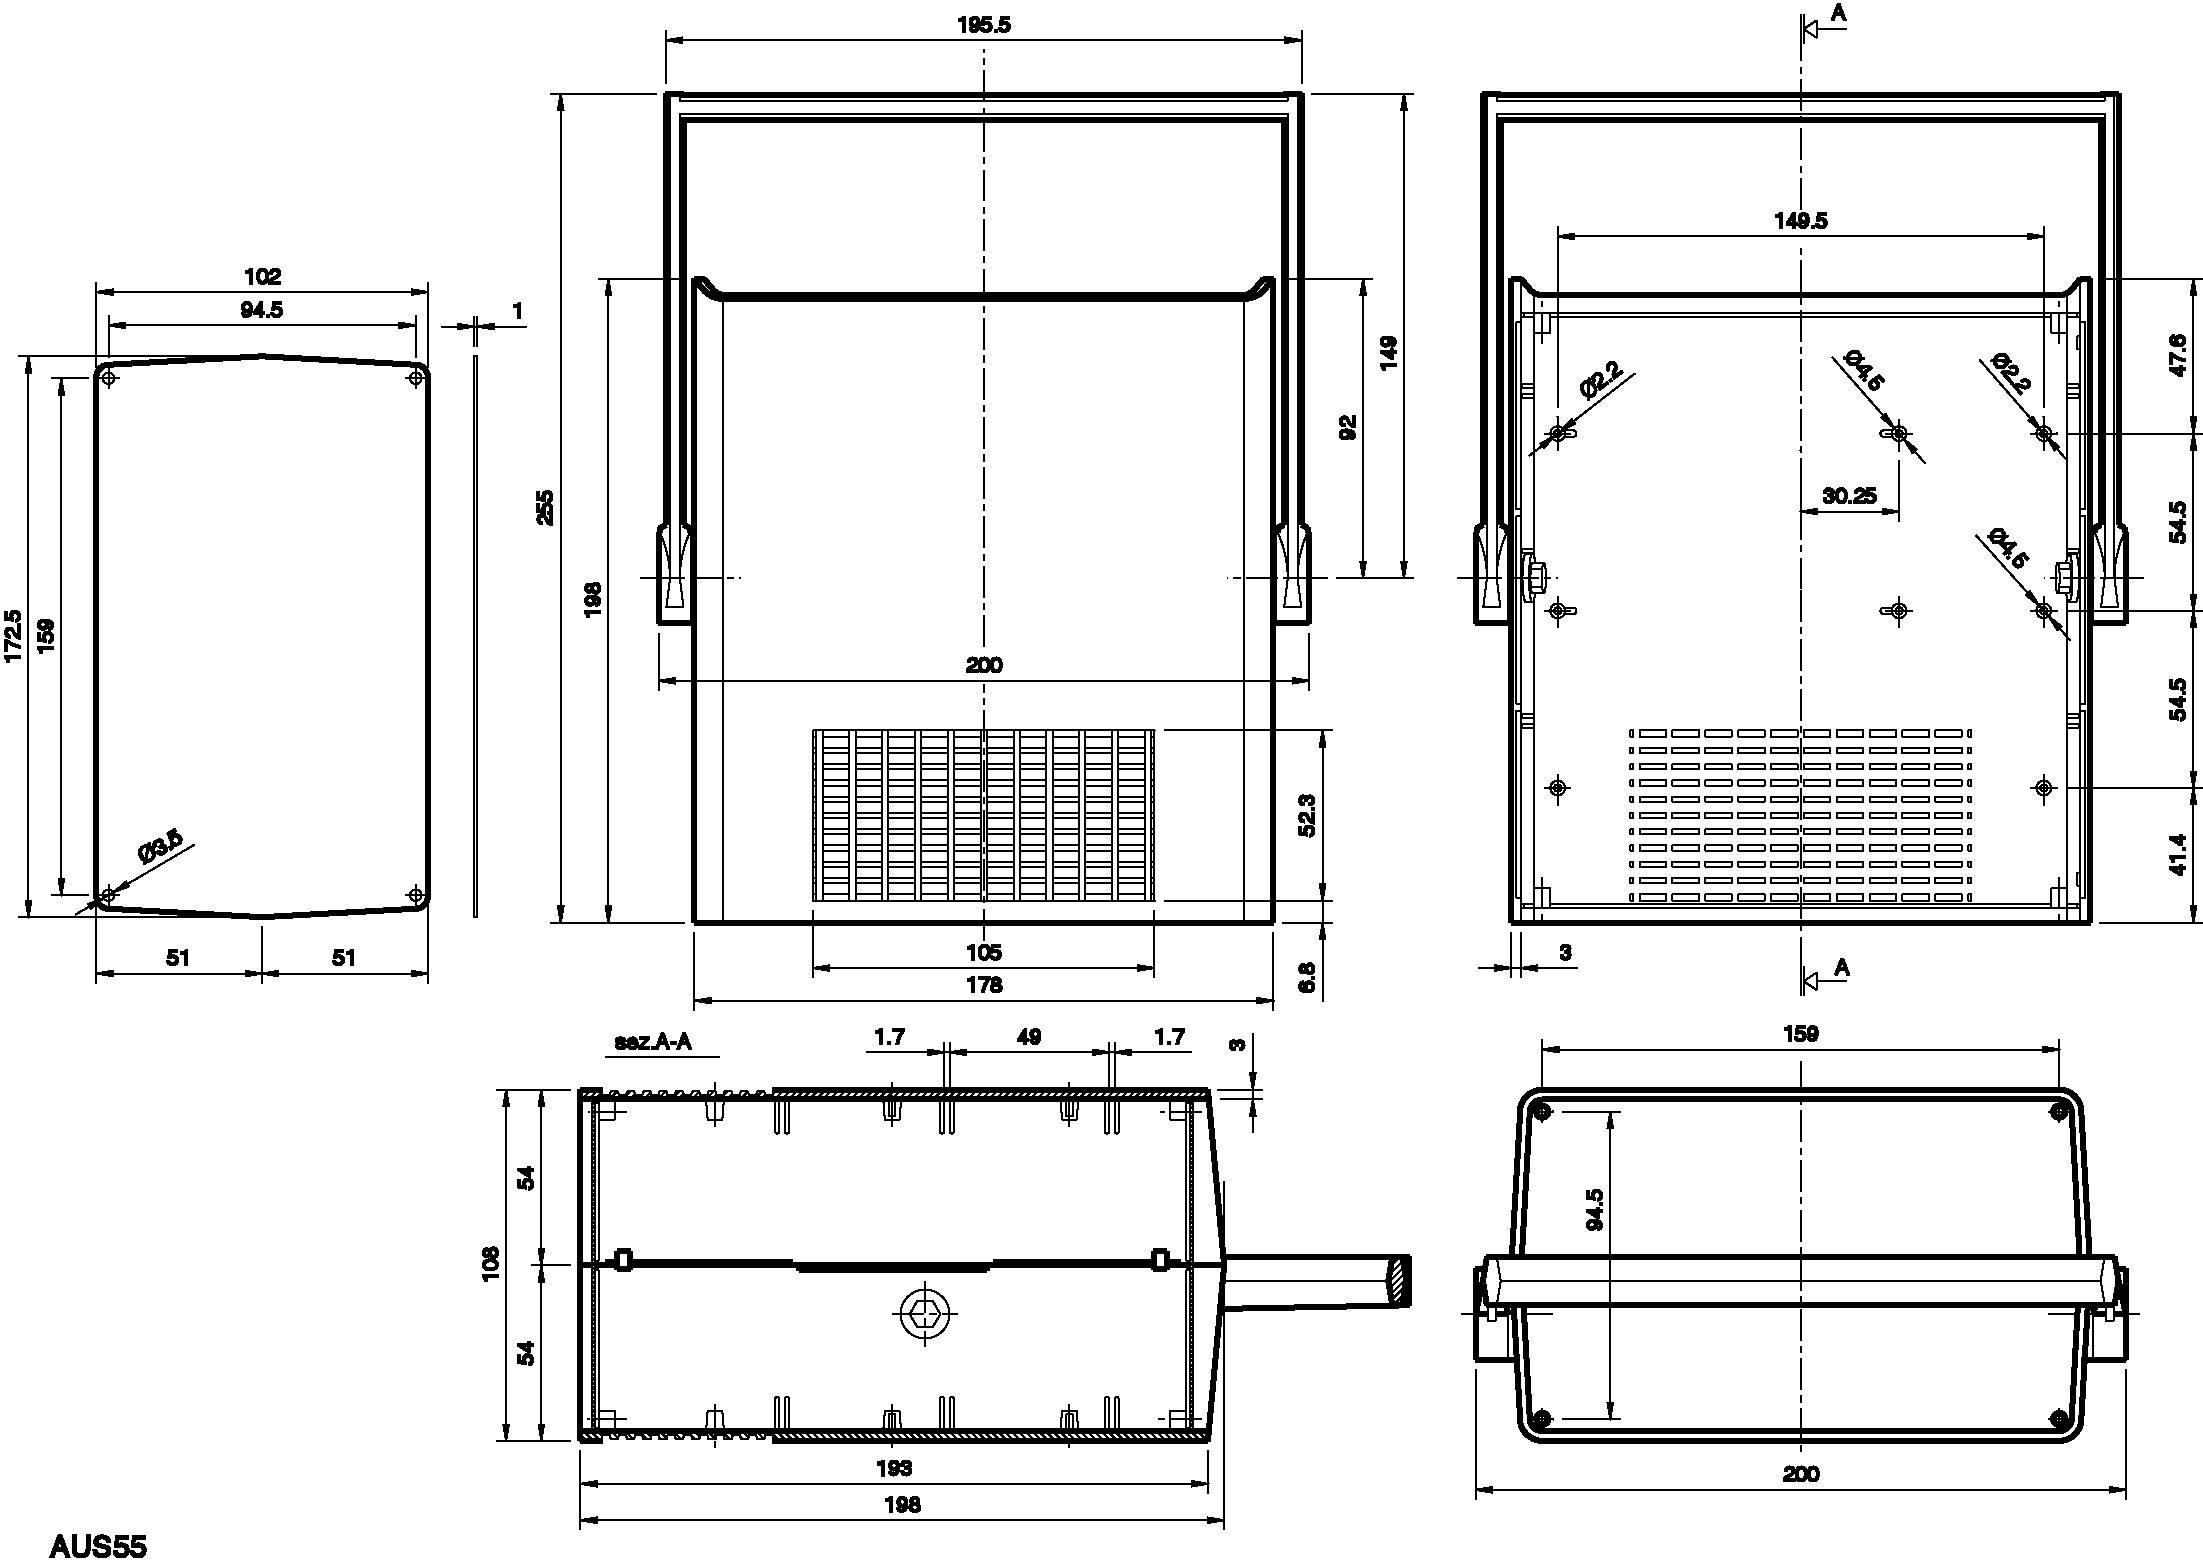 Puzdro na stôl TEKO AUS 55.5, 198 x 178 x 108 mm, polystyrén, hliník, svetlosivá, 1 ks